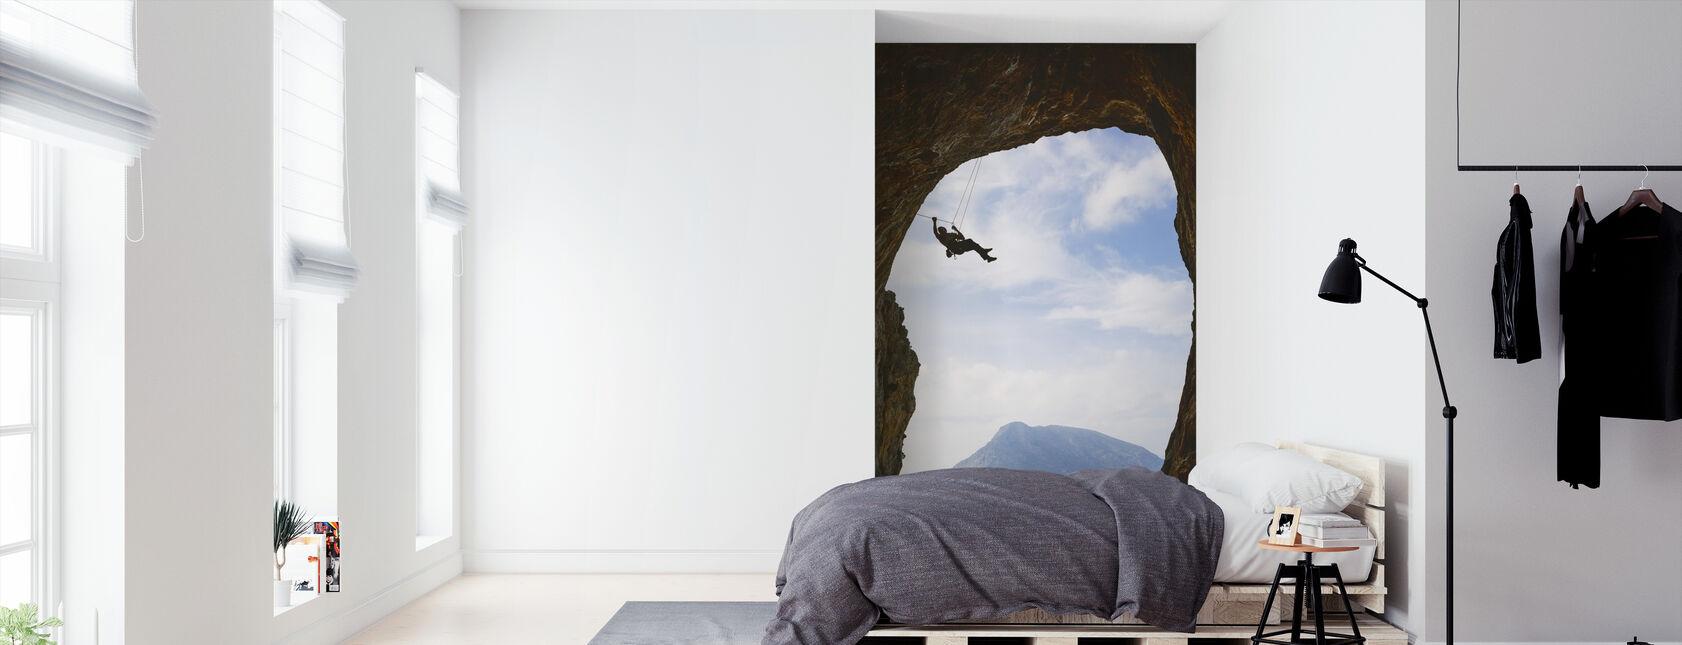 Bergbeklimmen - Behang - Slaapkamer